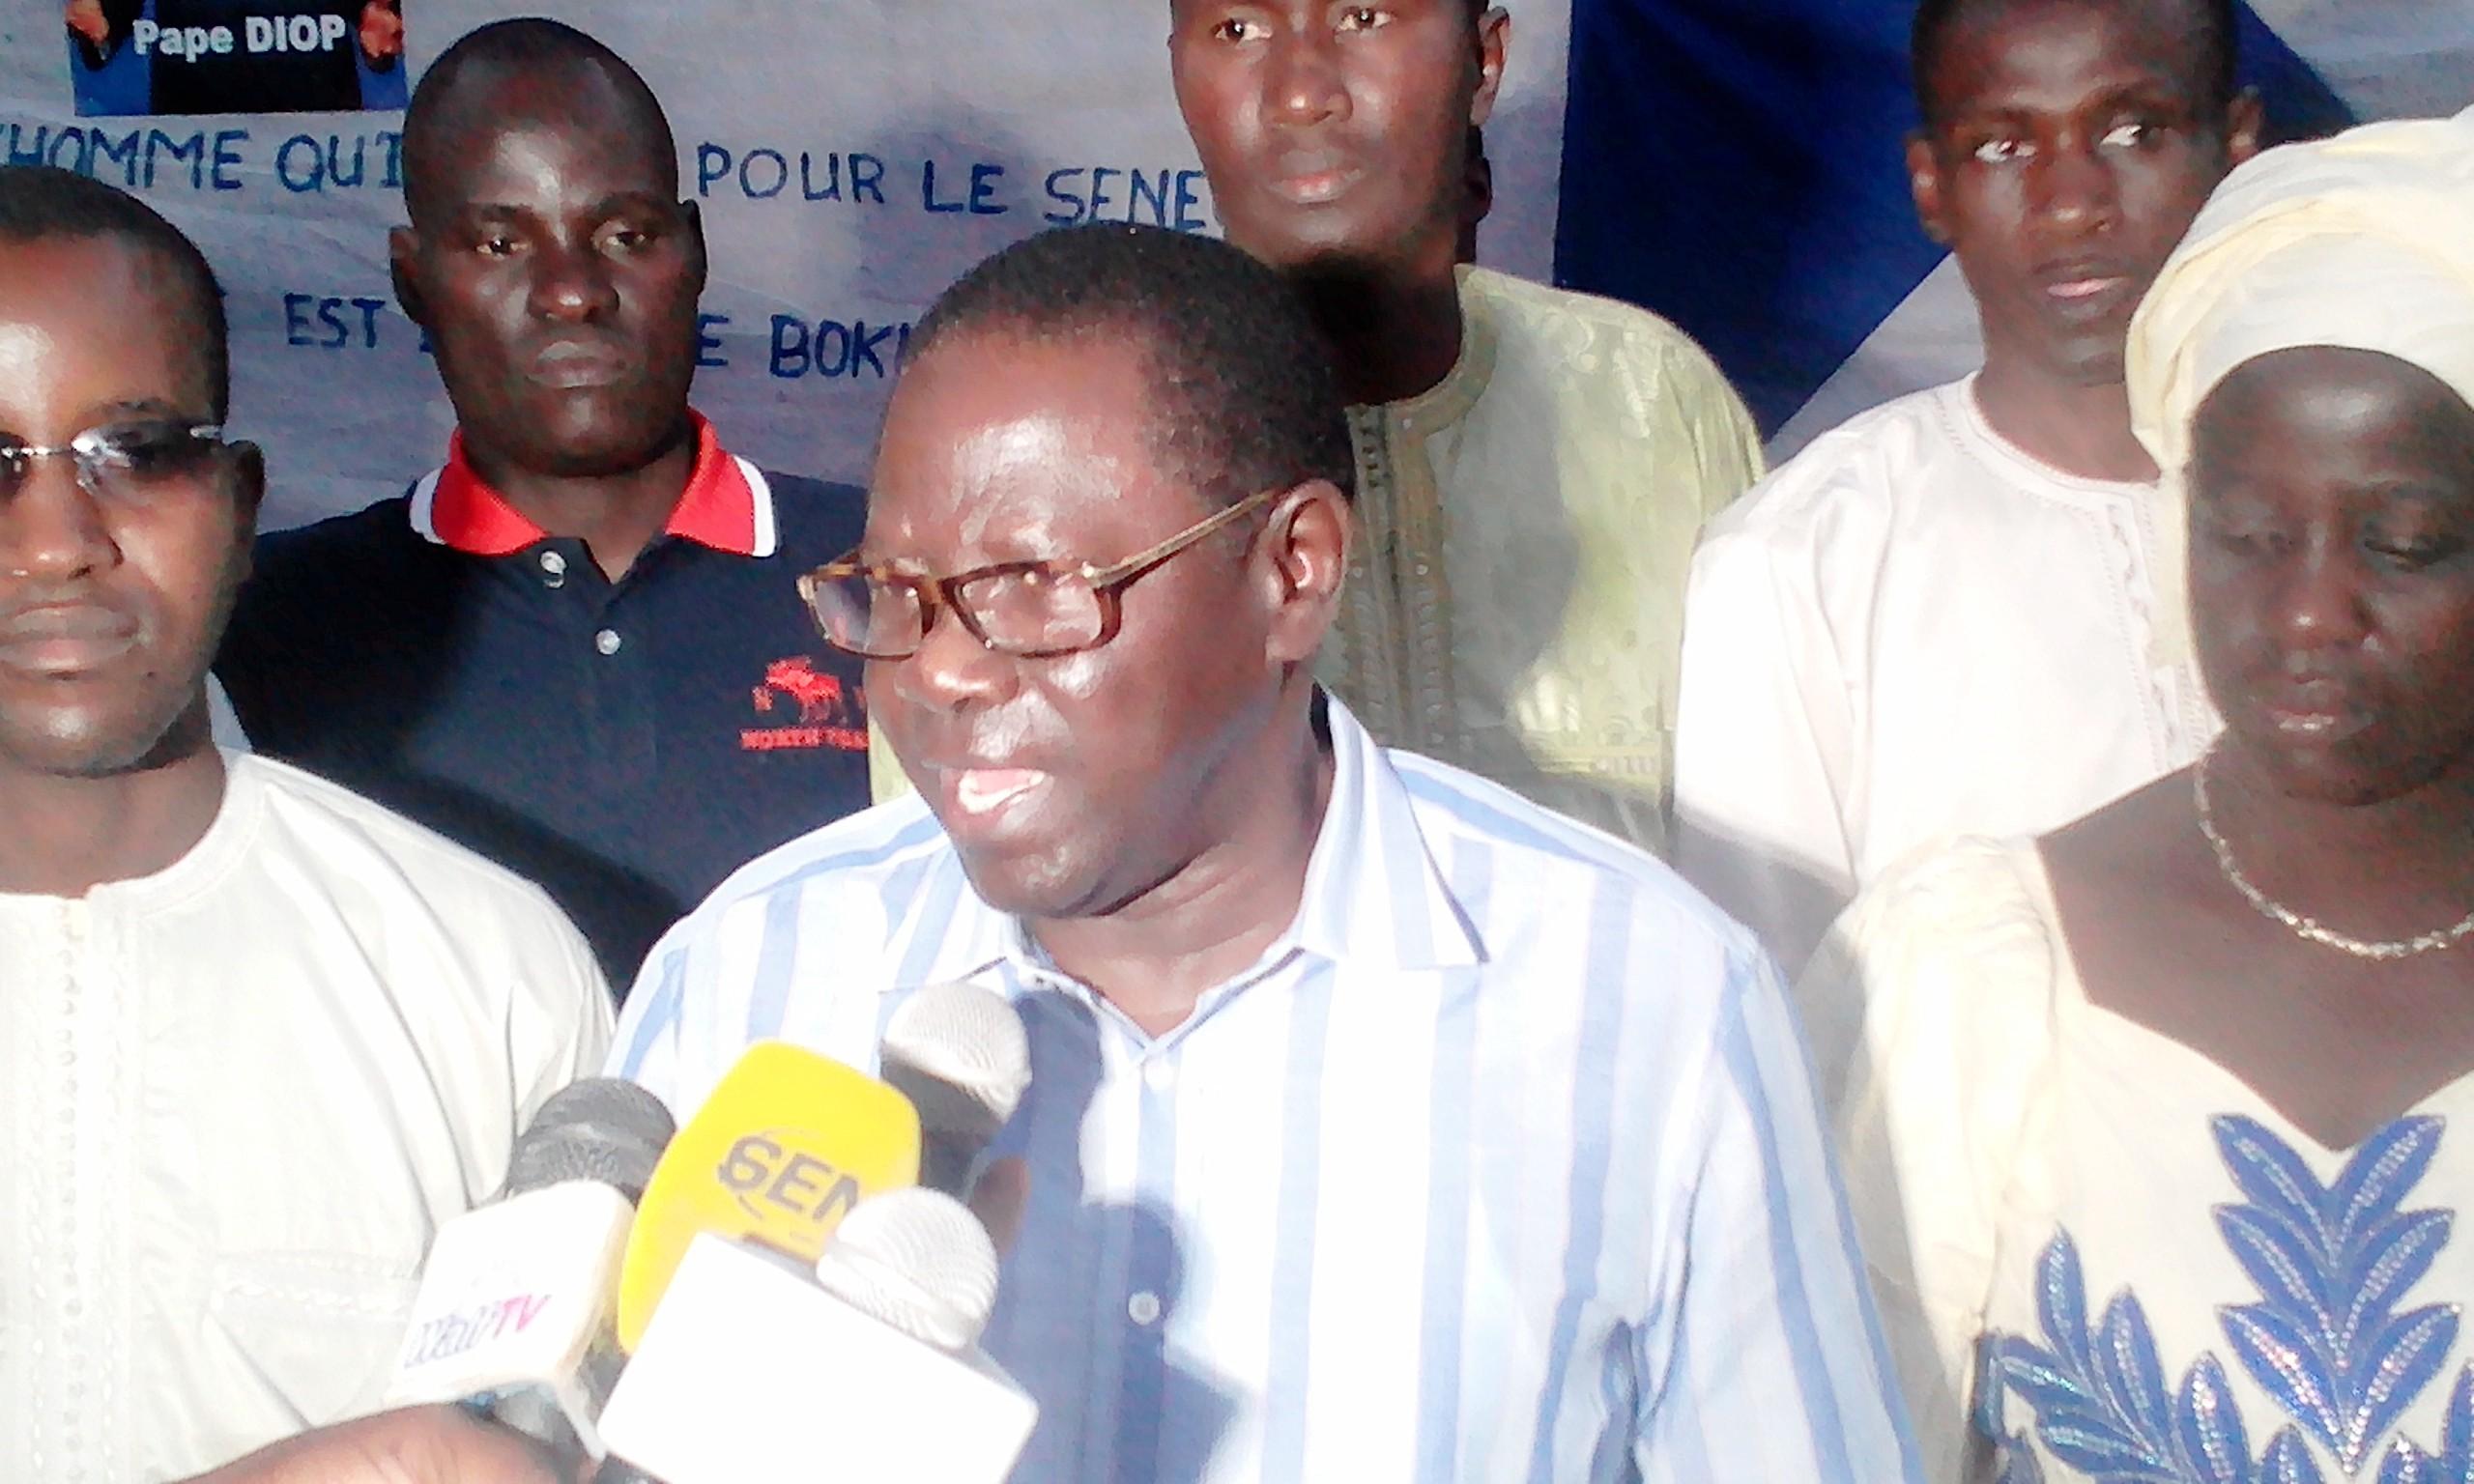 PAPE DIOP TIRE A NOUVEAU : « Il n'y a rien à Fatick et à Gossas d'où sont issus le Pr et le Pm… Si j'étais Macky, Serigne Mbaye Thiam… Jammeh doit être remis à sa place! »